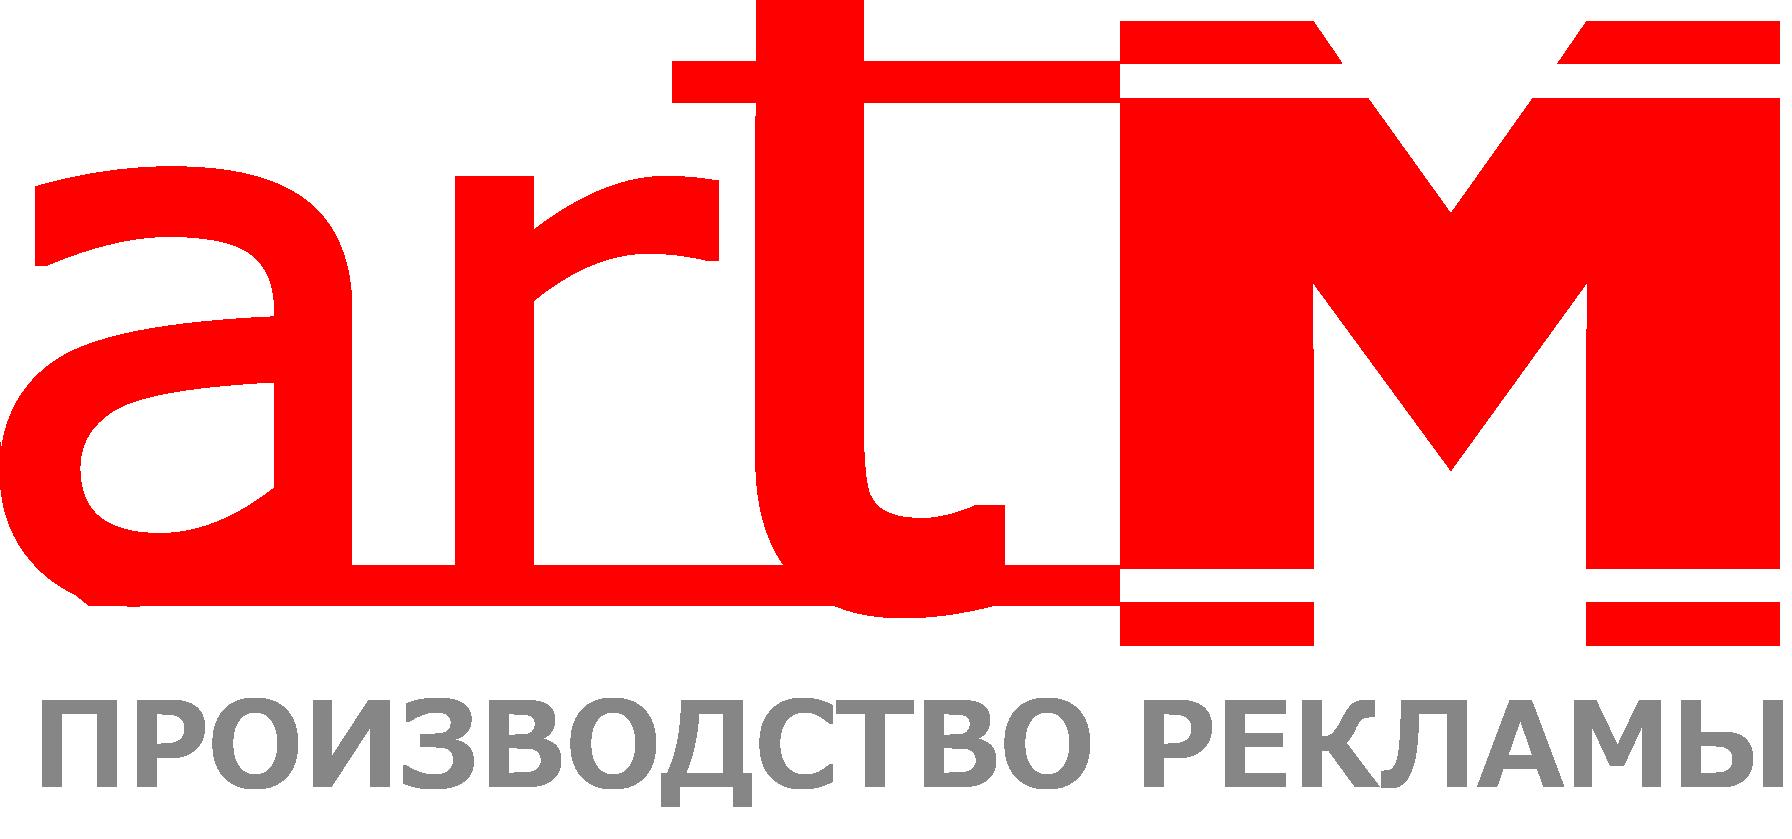 Рекламно-производственная компания ООО «Арт-М»